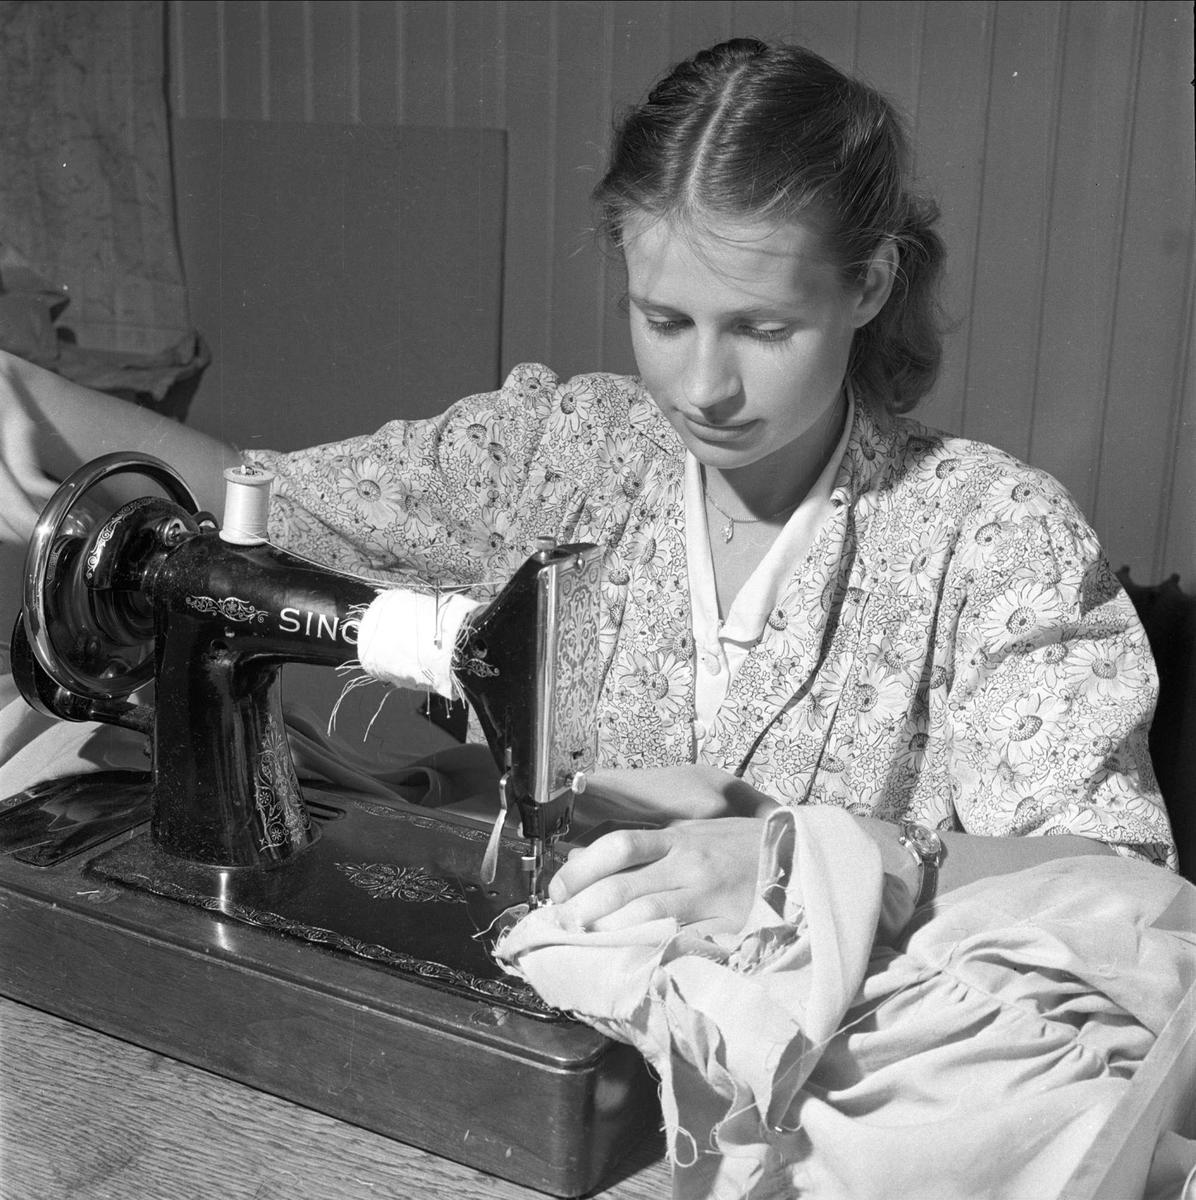 Student ved symaskin. August 1950. Studentrevy, forberedelser.